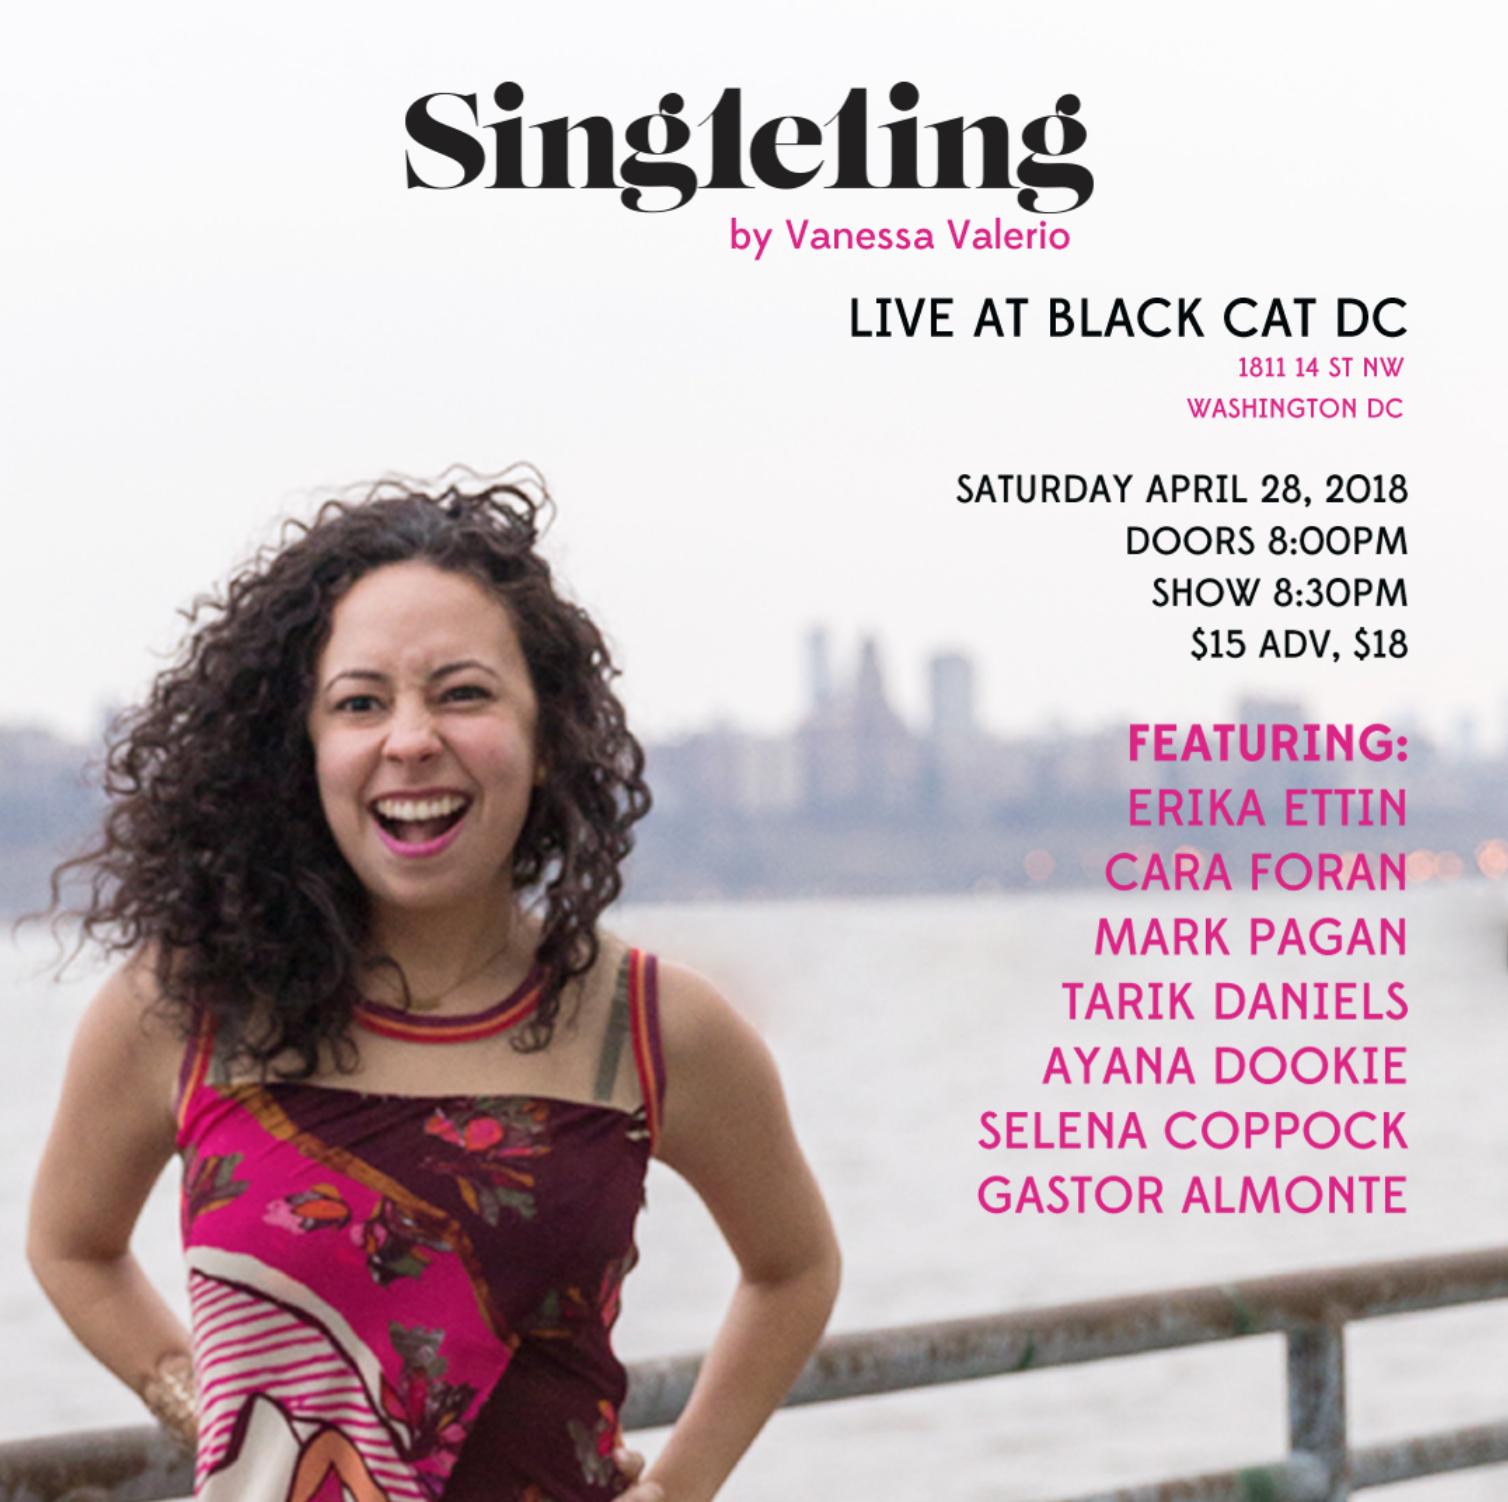 Singleling_DC April 2018.png